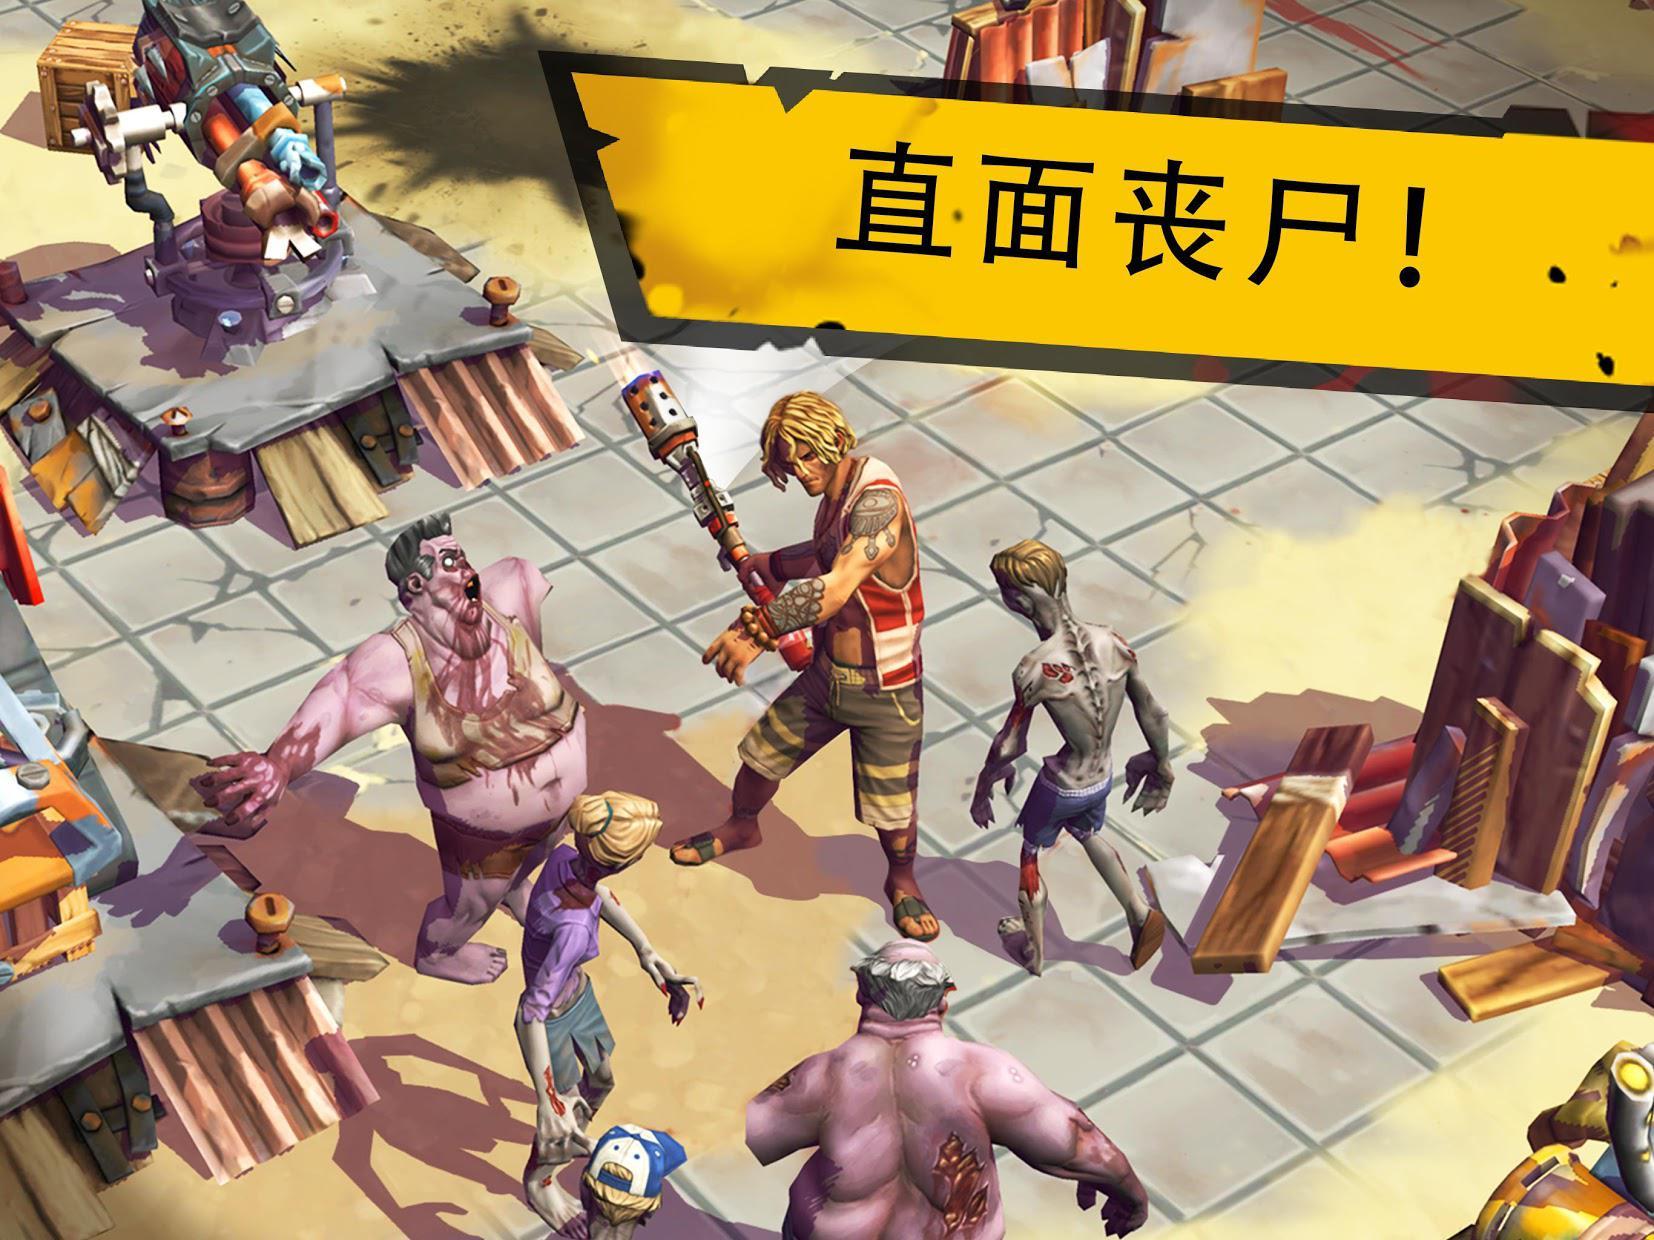 死亡岛:幸存者 游戏截图2